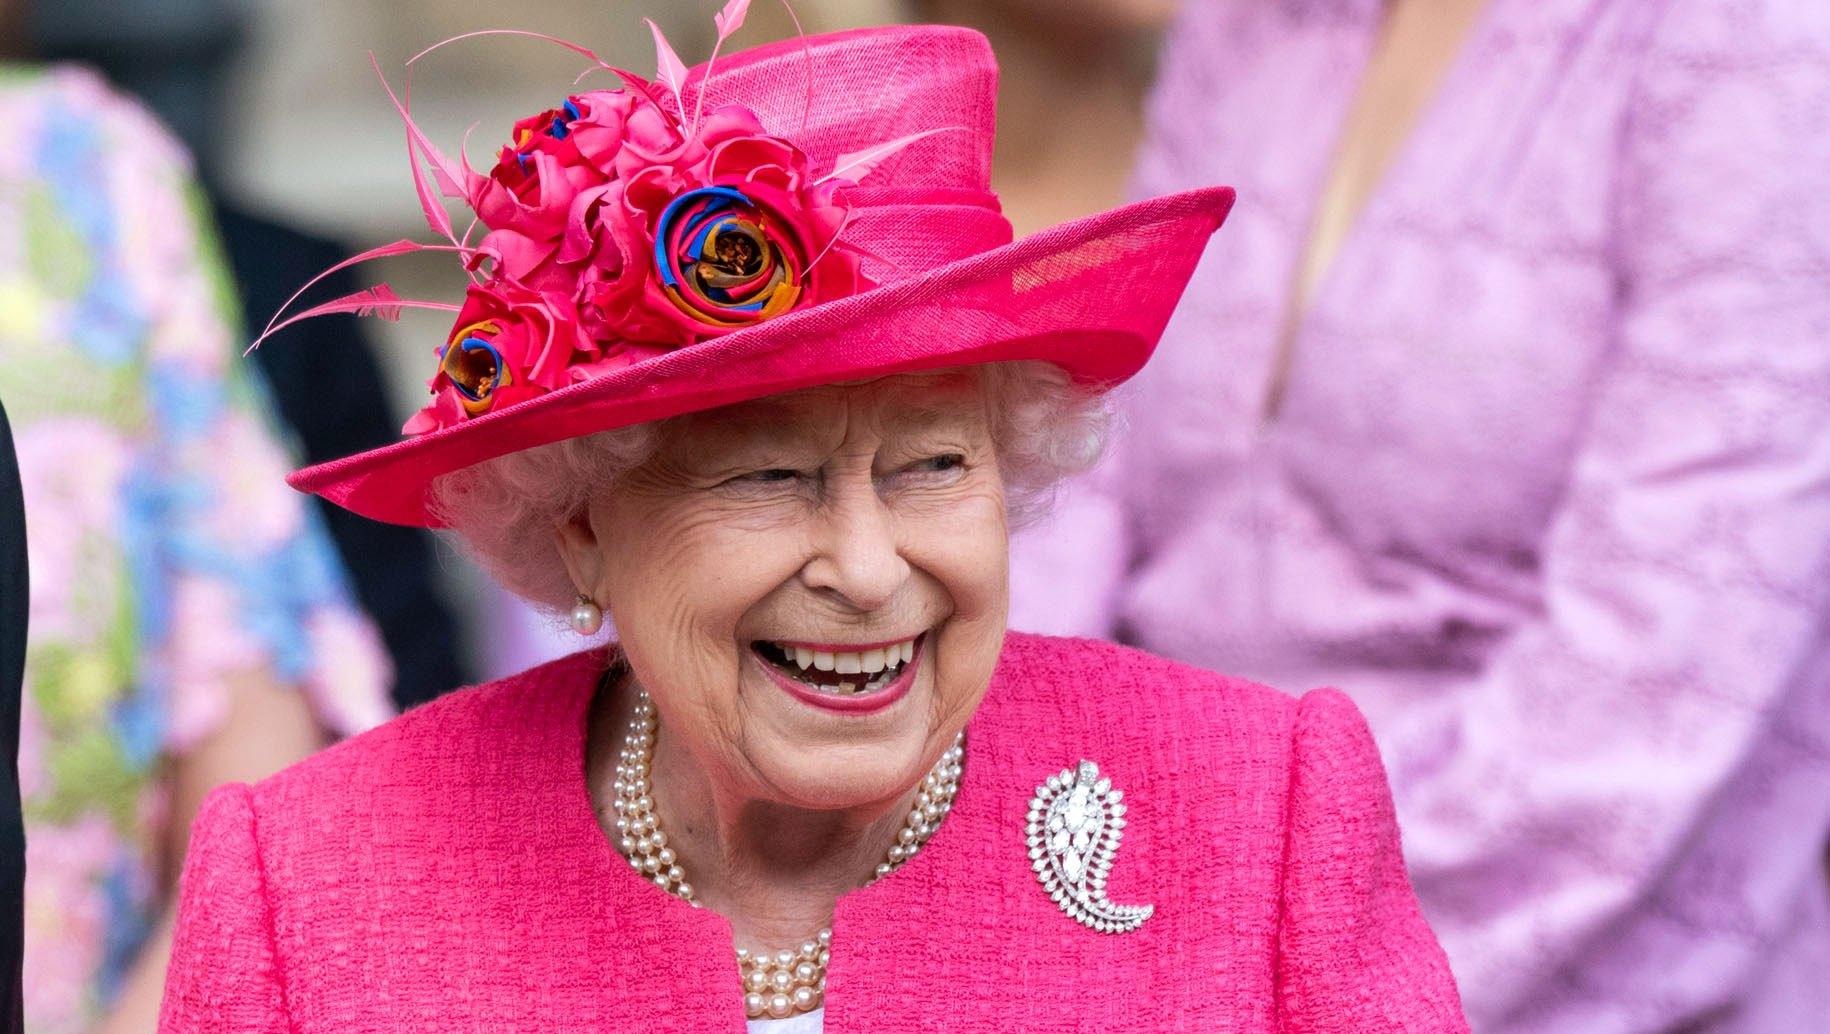 Queen Elizabeth II attends the wedding of Lady Gabriella Windsor